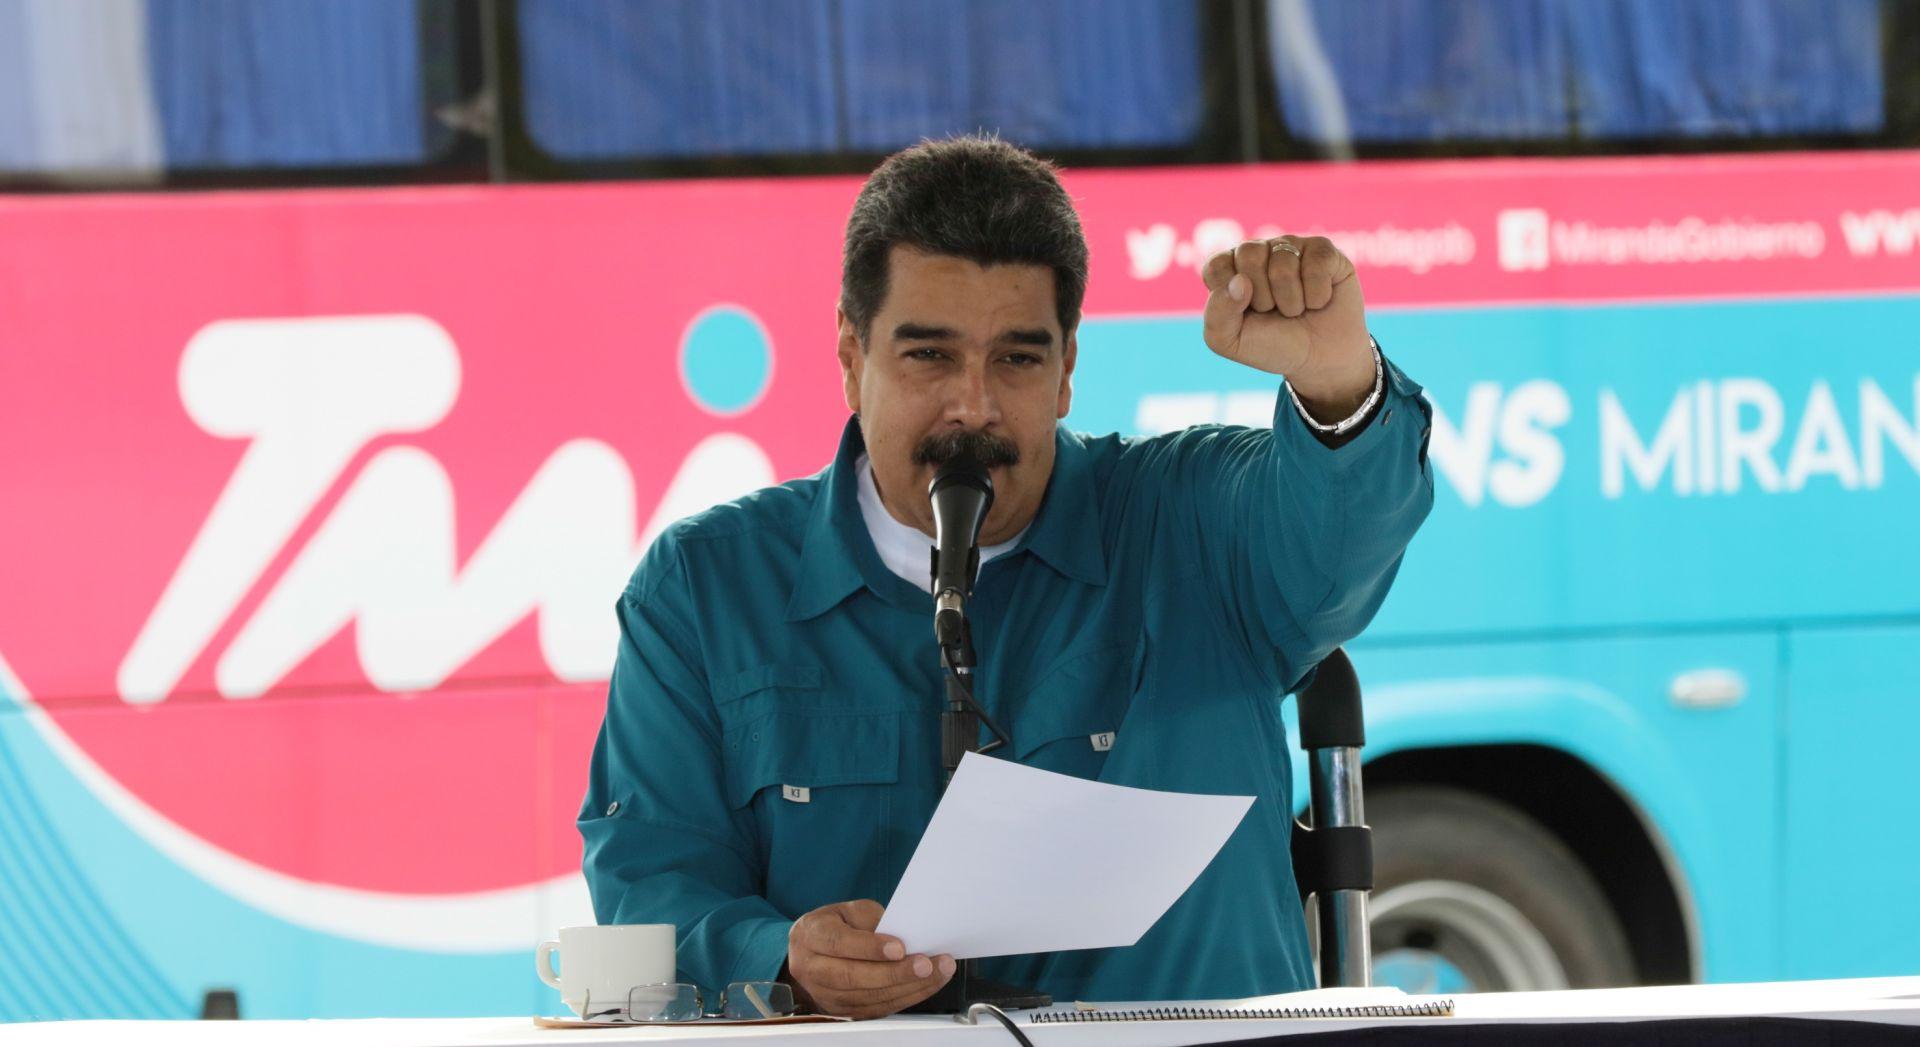 UJEDINJENI NARODI U Venezueli gotovo ne postoji vladavina prava